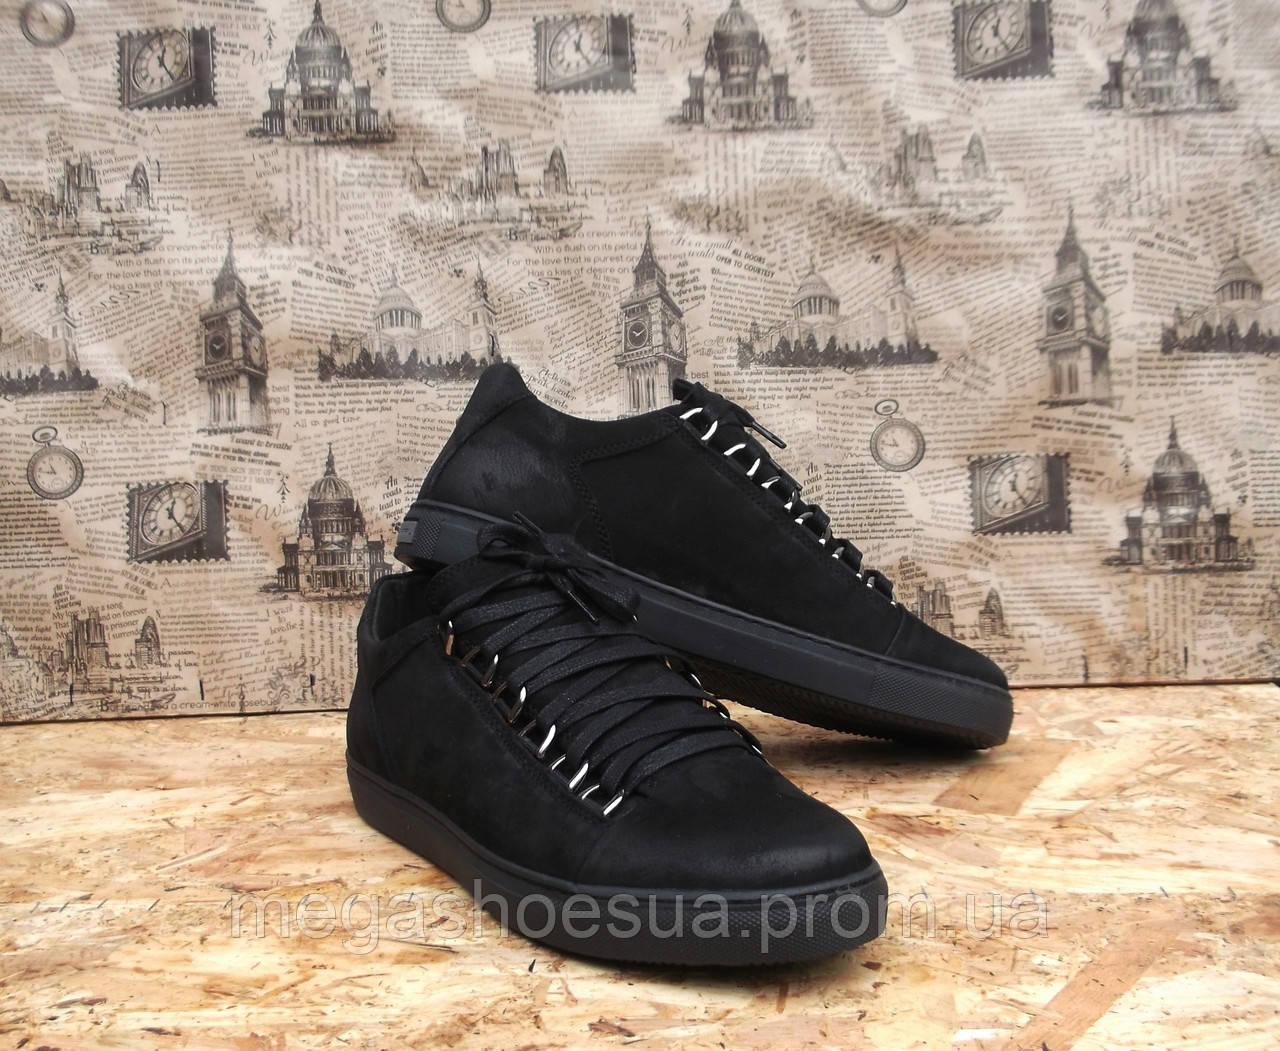 b56d19067d05 Туфли мужские Detta 708 модель с натуральной кожи стильные - Интернет-магазин  украинской обуви MegaShoes